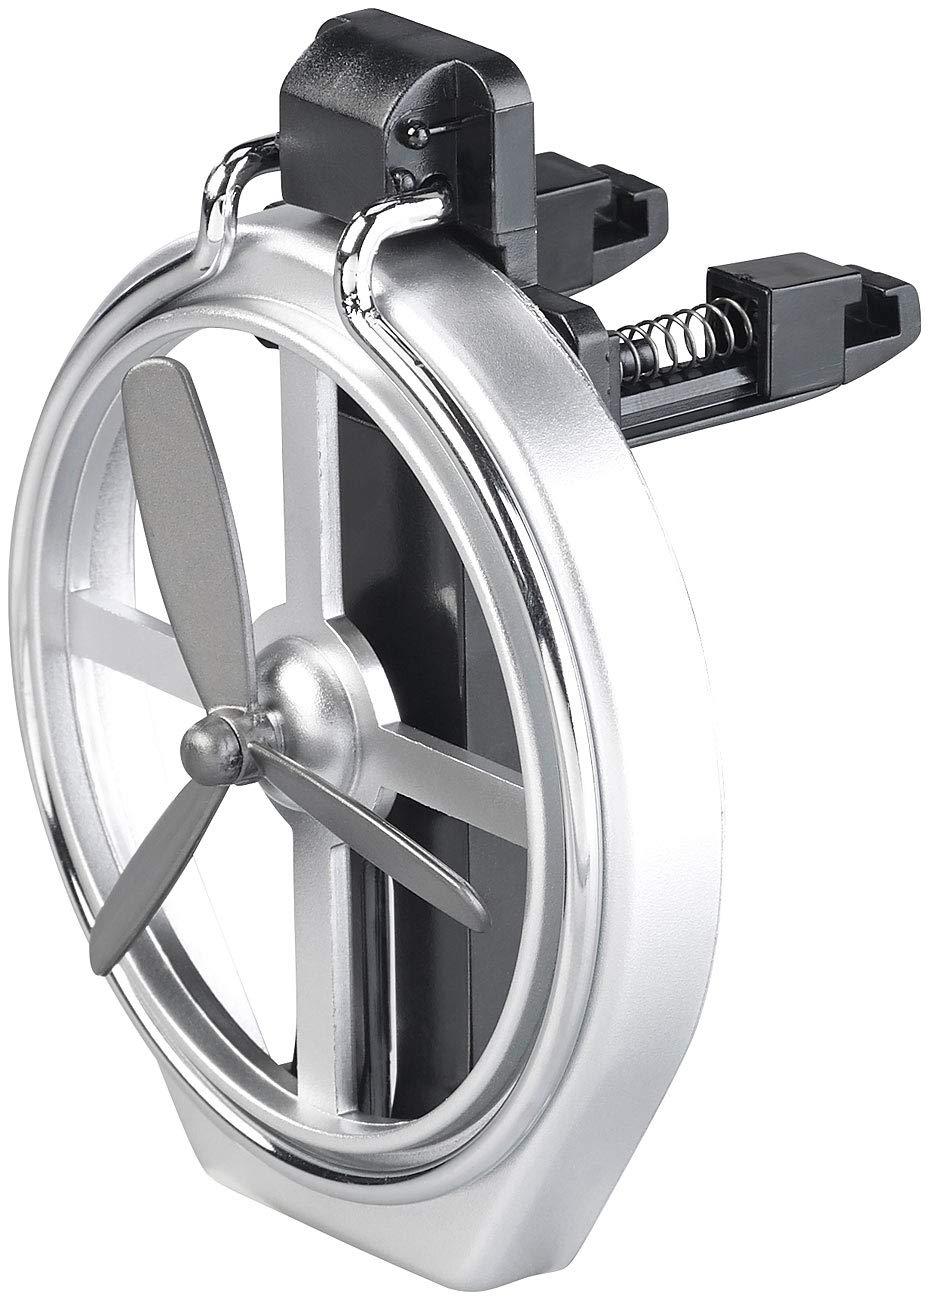 Lescars Getr/änkehalter Kfz: Auto-Getr/änkehalter f/ür L/üftungsgitter 10 cm hoch Getr/änkehalter Boot 7 cm /Ø